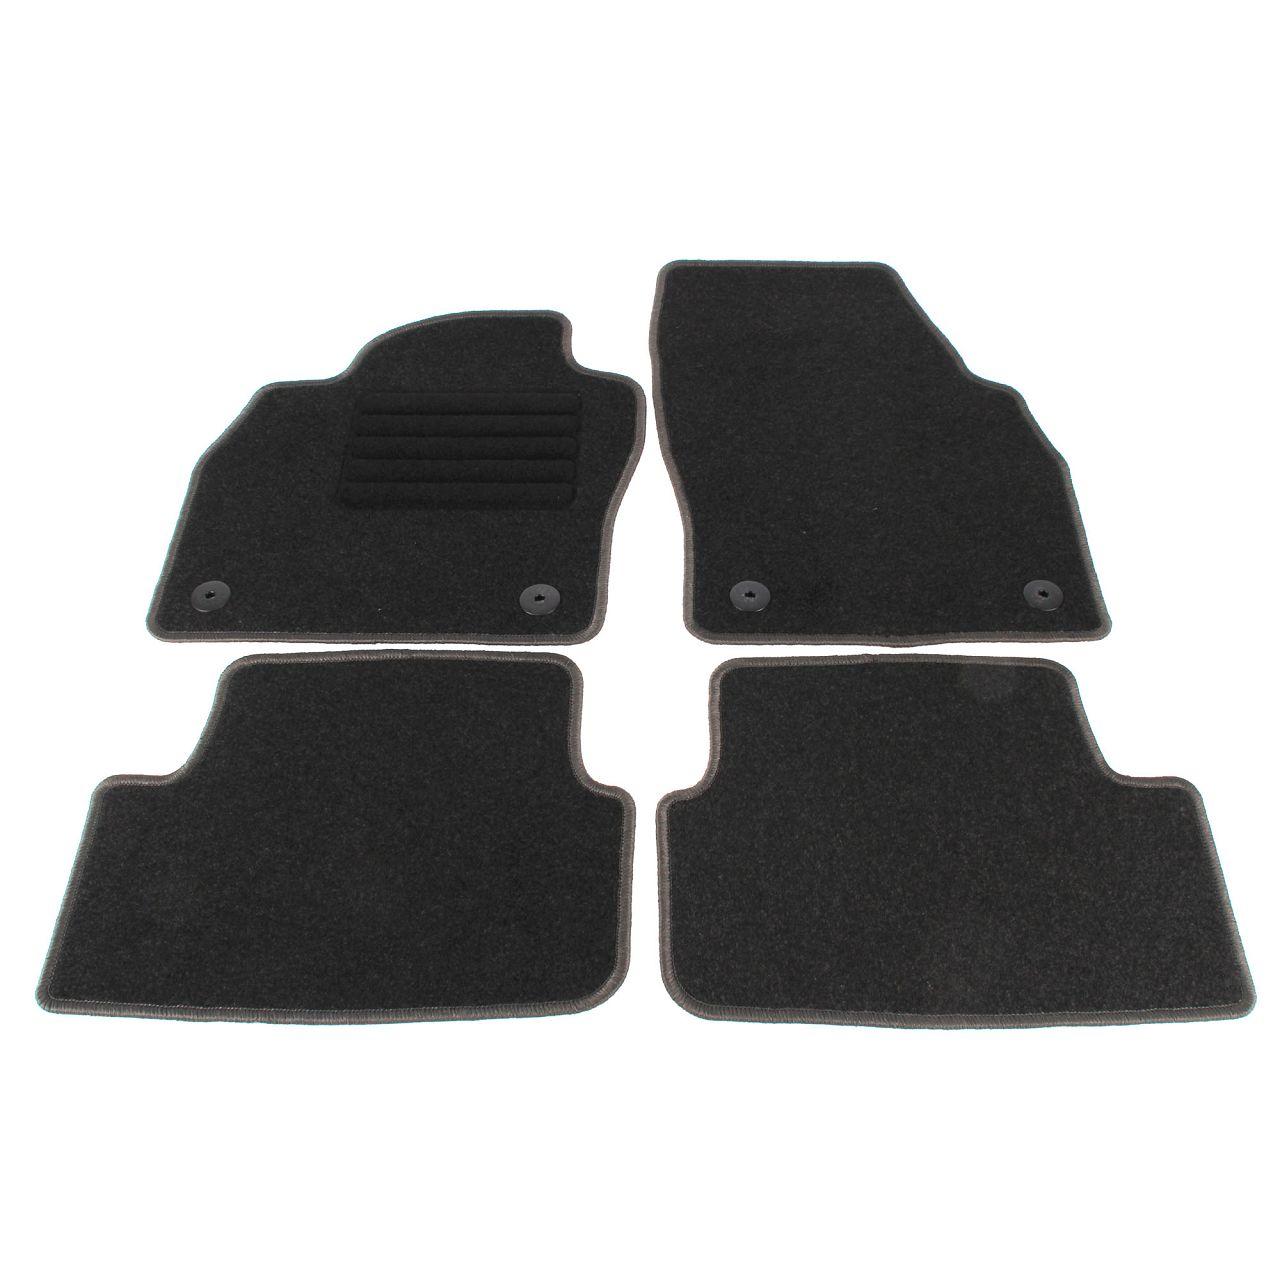 Veloursmatten Textilmatten Fußmatten für VW POLO (AW) ab 09.2017 4-TEILIG